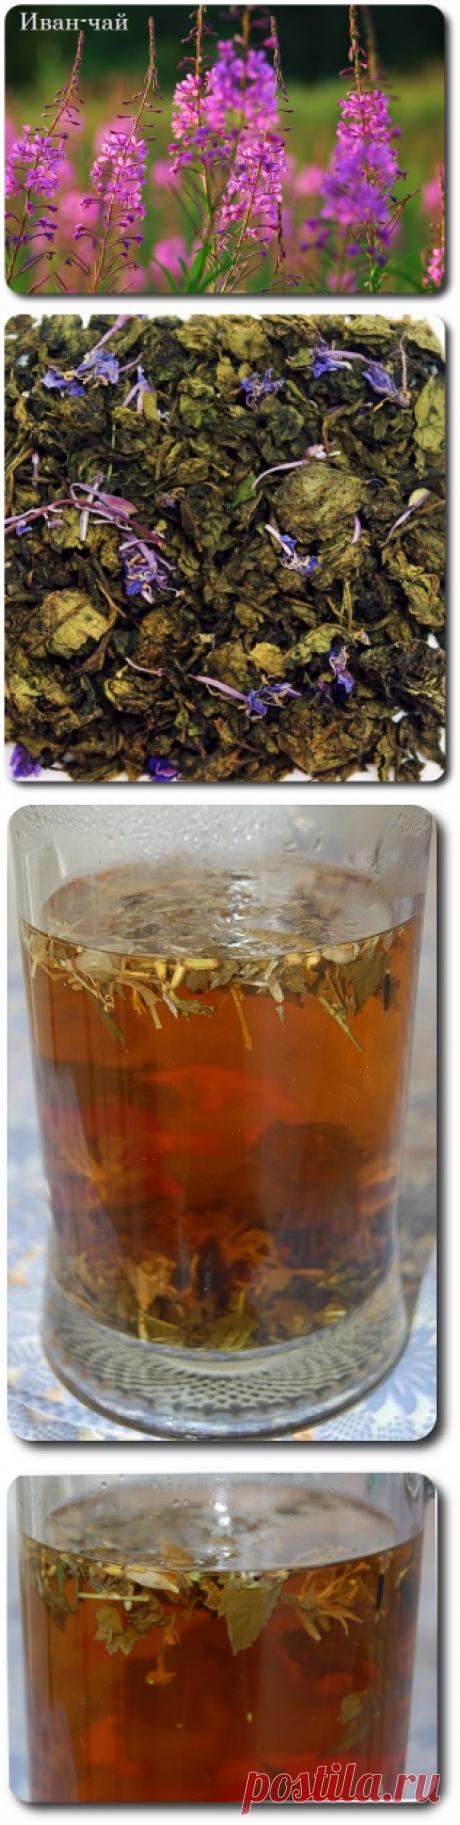 Иван-чай в Москве